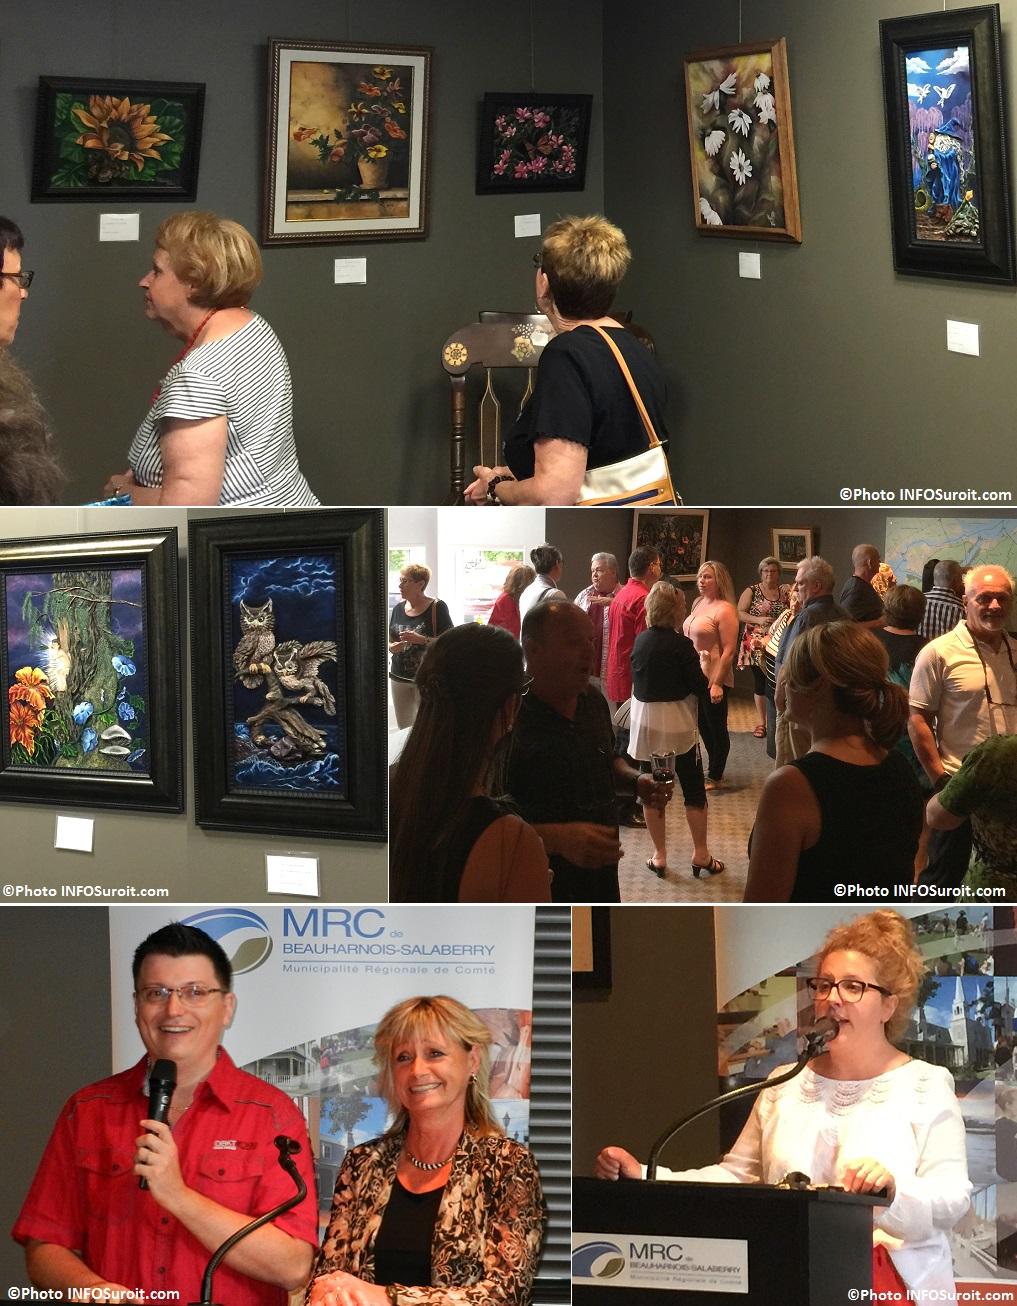 exposition Monique_Laframboise et Marc_Blondin a la galerie de la MRC avec visiteurs et KLanderman Photos INFOSuroit_com